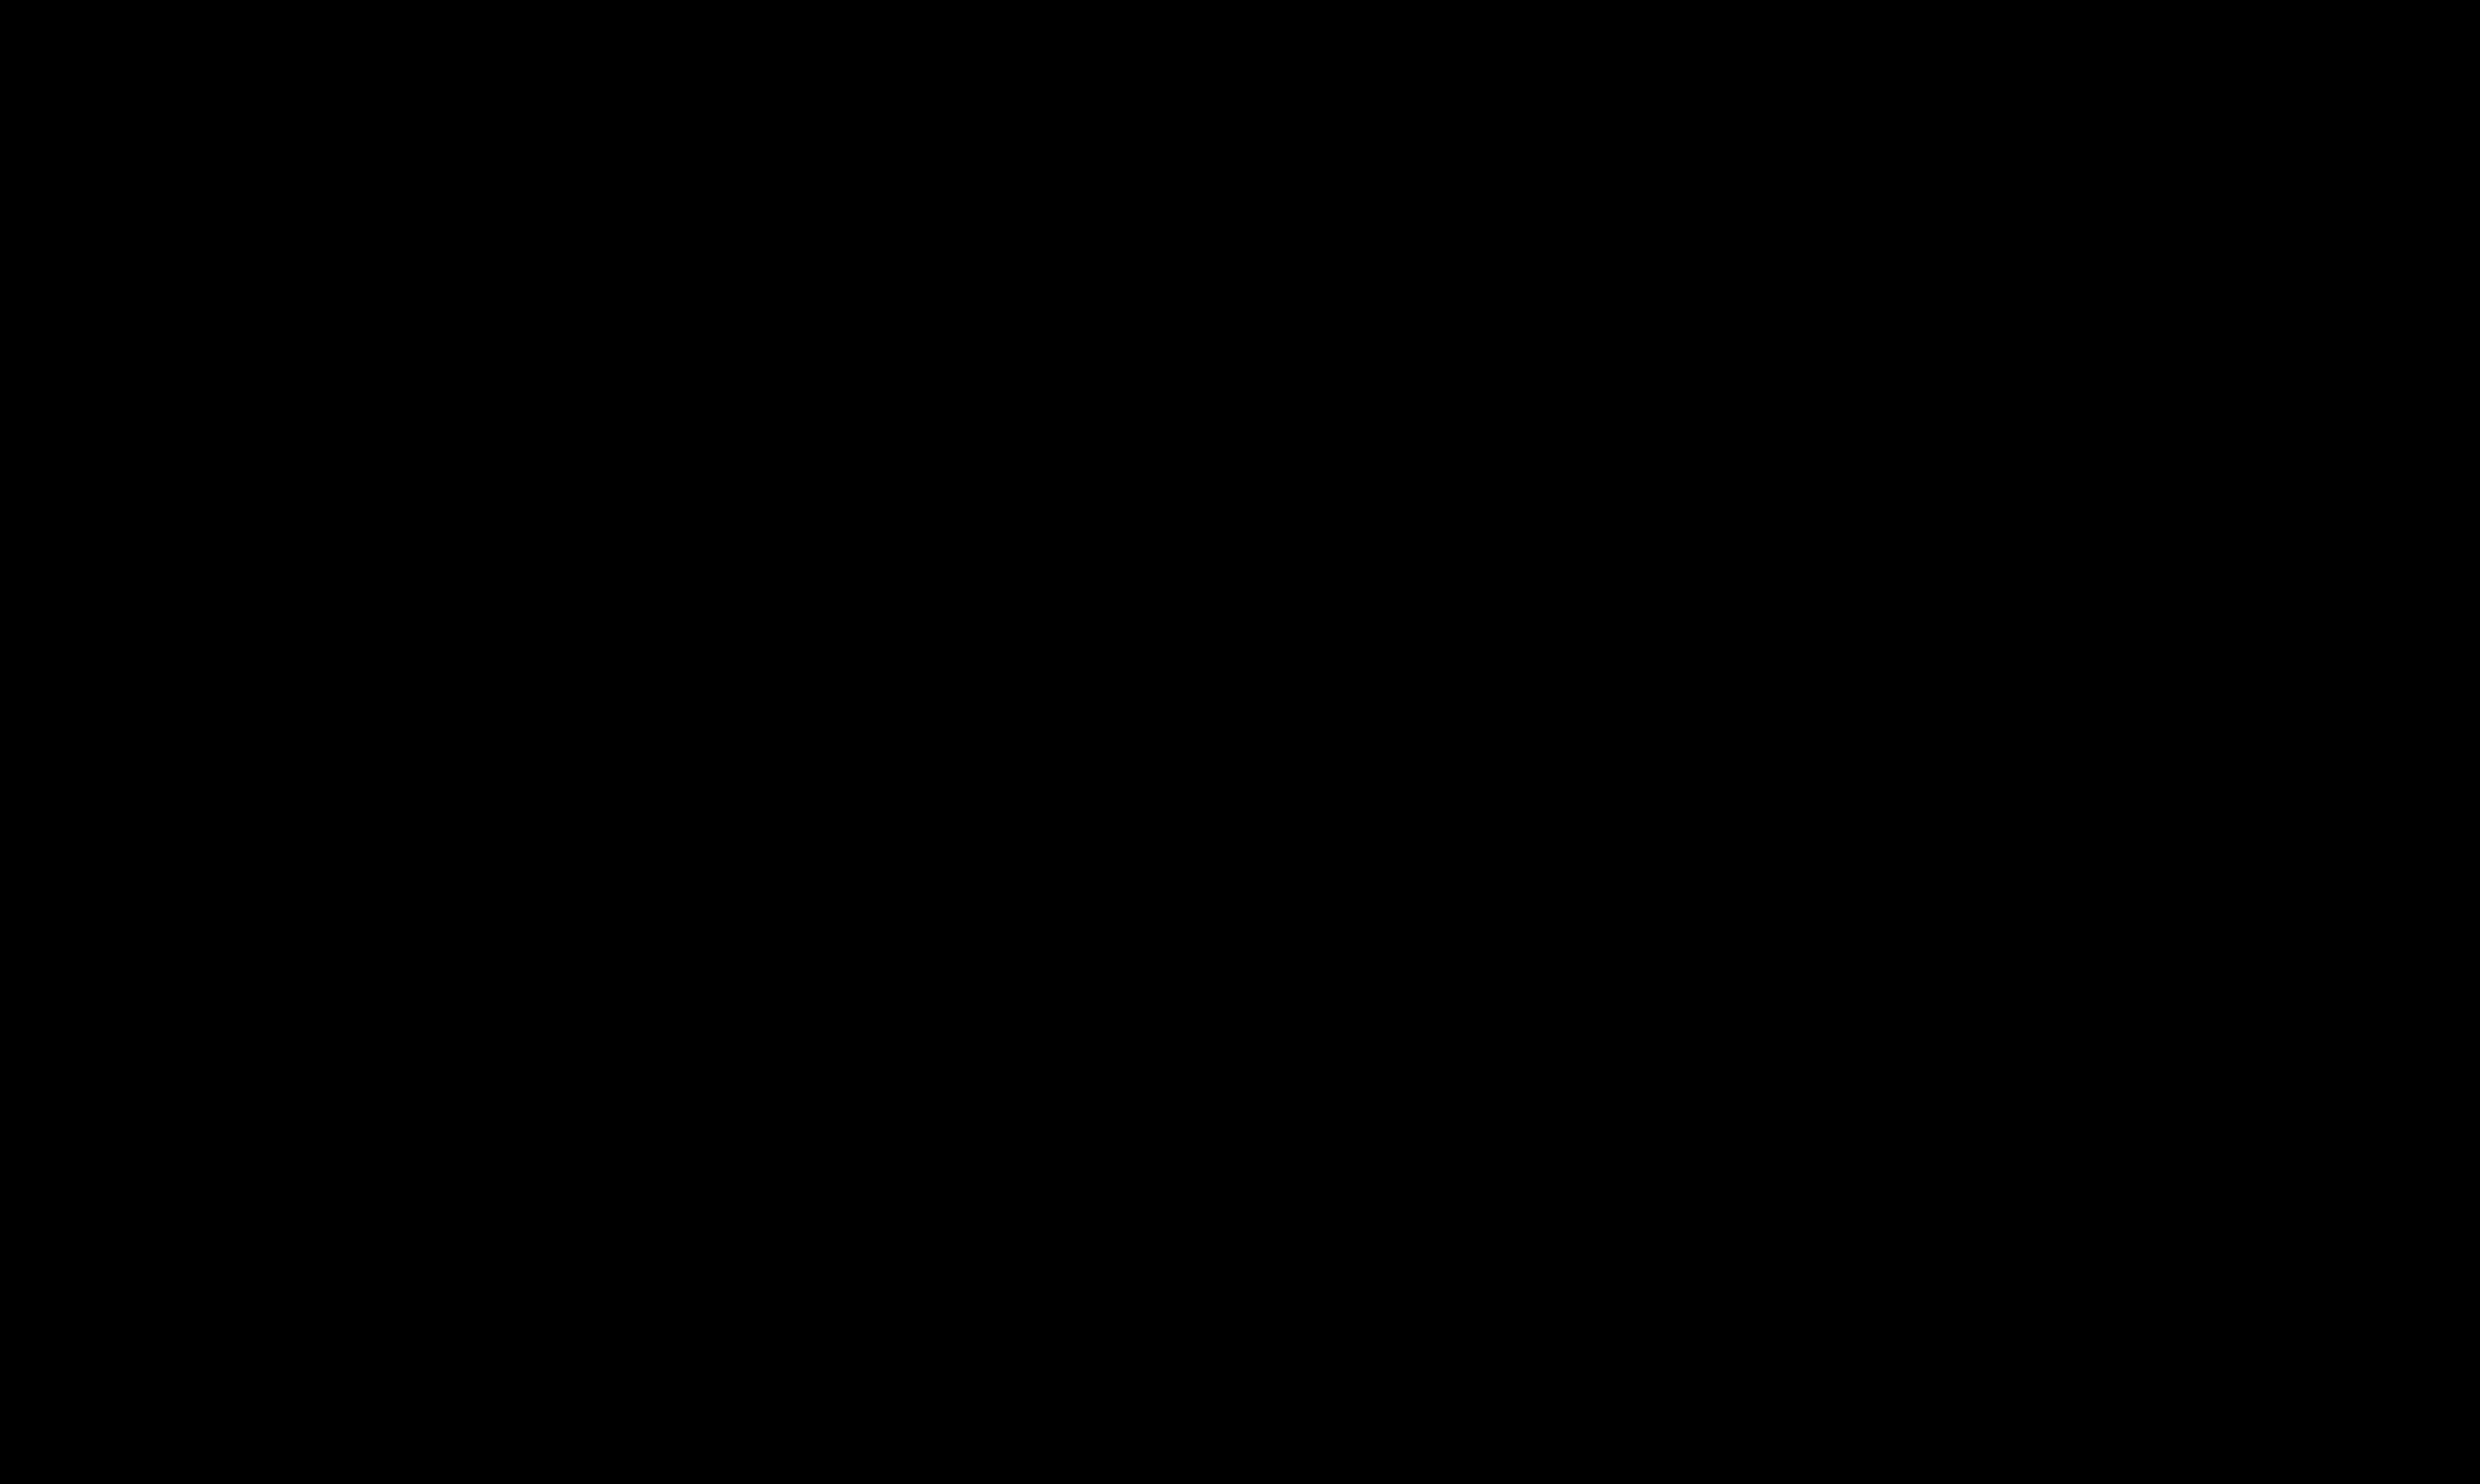 hard rock hotel � logos download